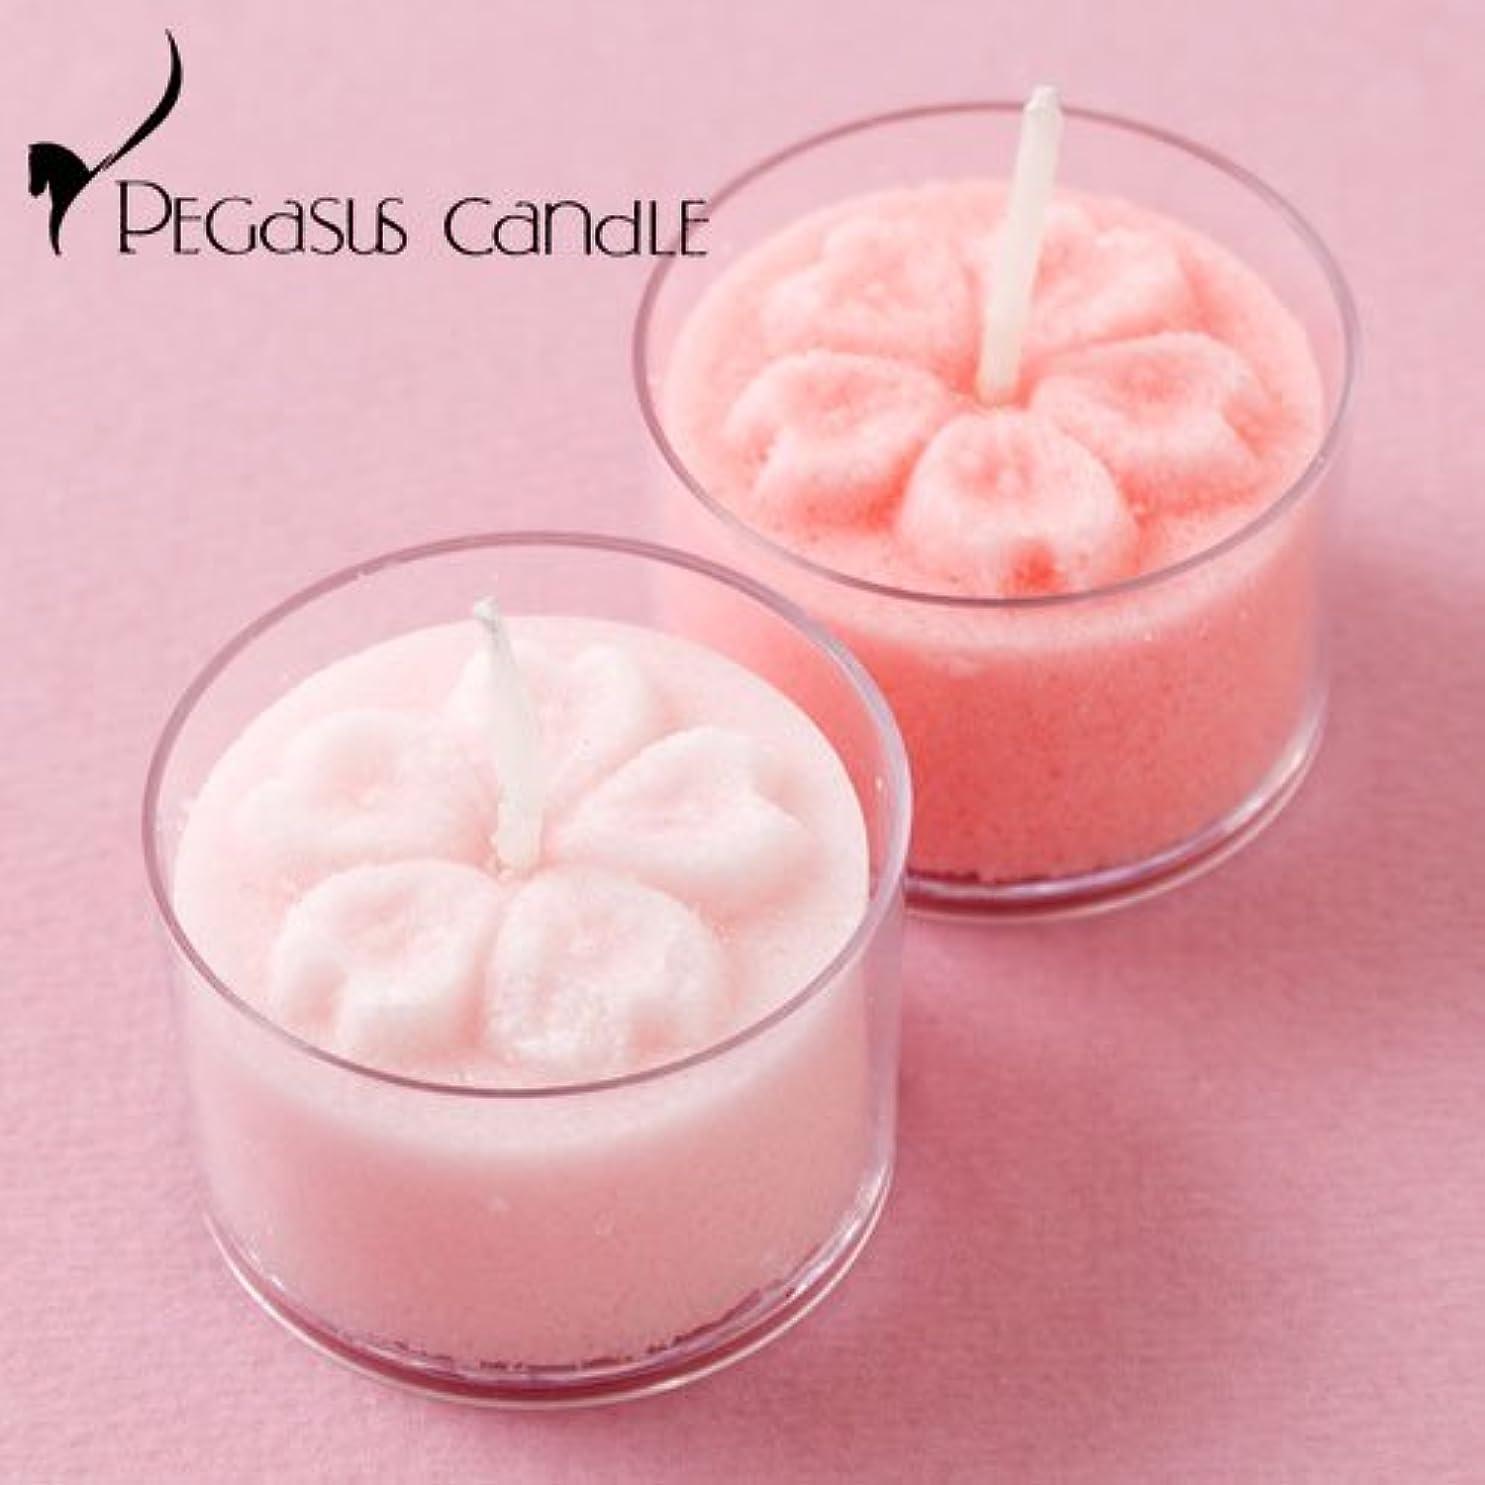 バージン戻る泥花暦桜花の形のキャンドル2個セット(無香タイプ)ペガサスキャンドルFlower shaped candle